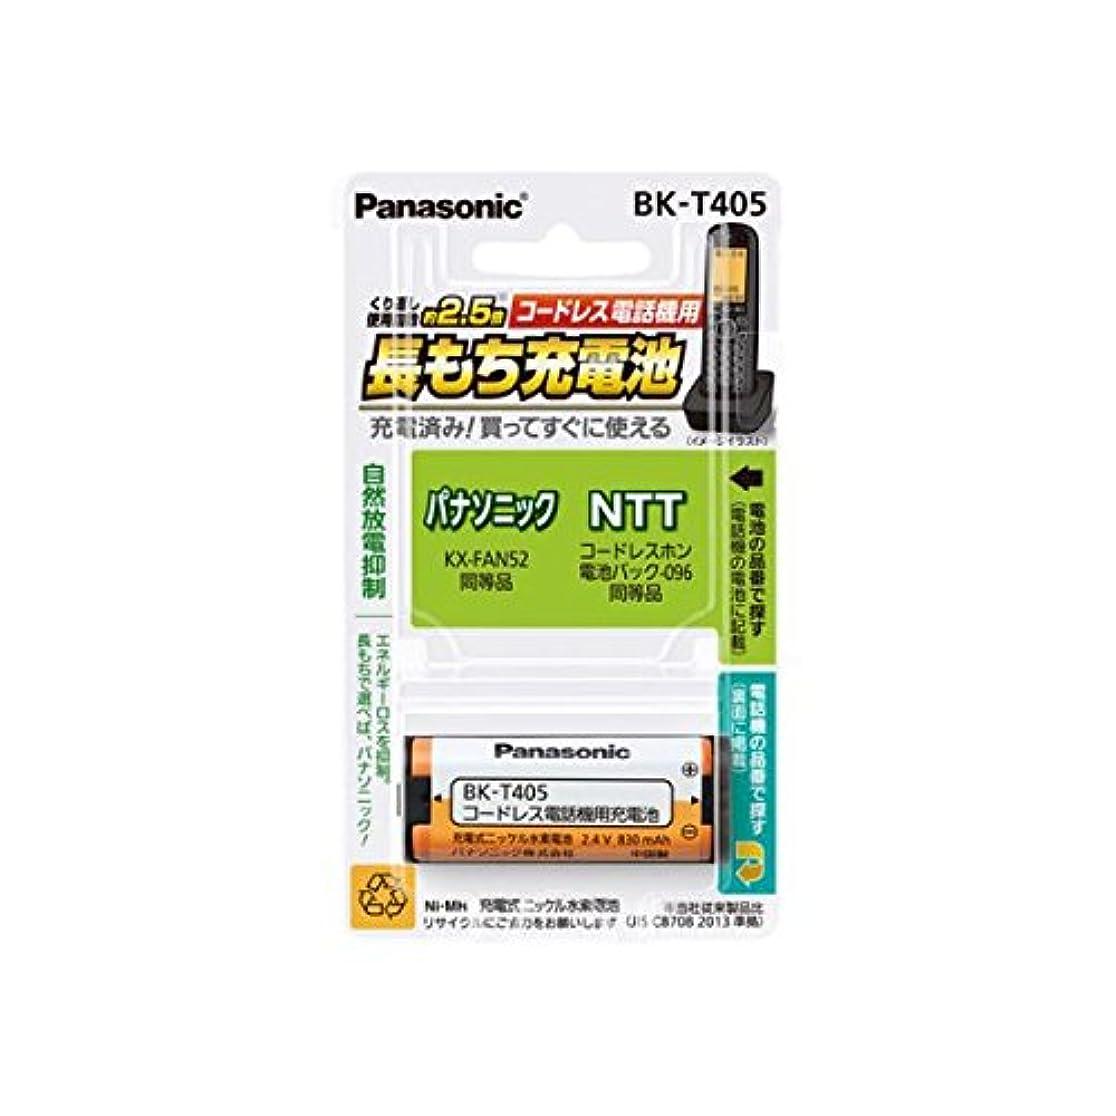 立法どれか扱うパナソニック(家電) 充電式ニッケル水素電池 BK-T405 AV デジモノ パソコン 周辺機器 その他のパソコン 周辺機器 top1-ds-1946605-ak [簡易パッケージ品]